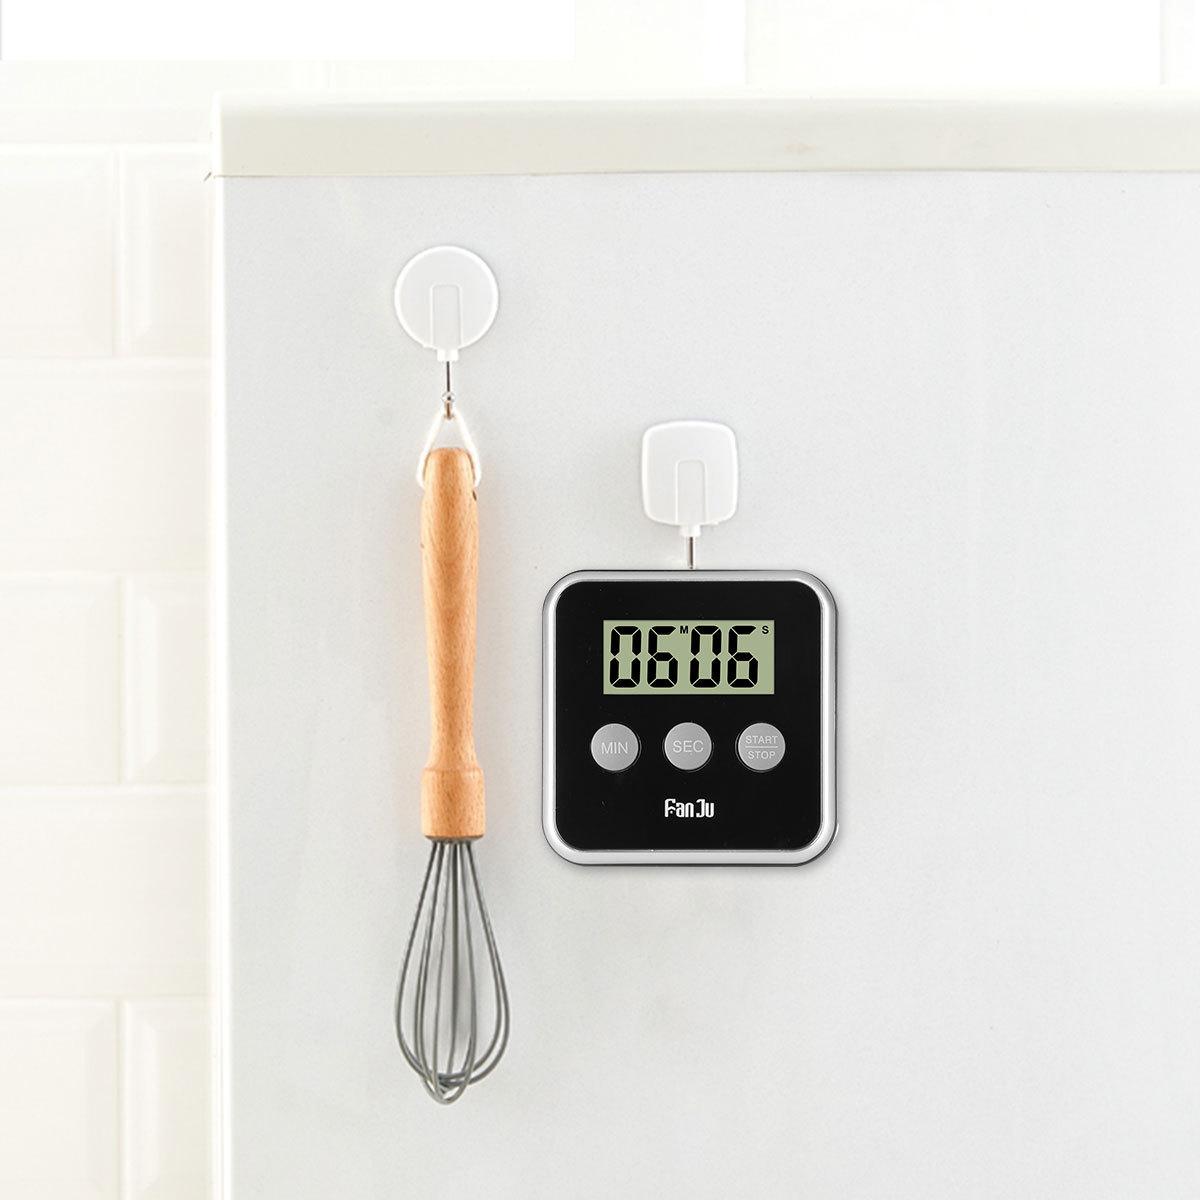 Fanju Fj231 Digital Kitchen Timer Big Display Loud Alarm